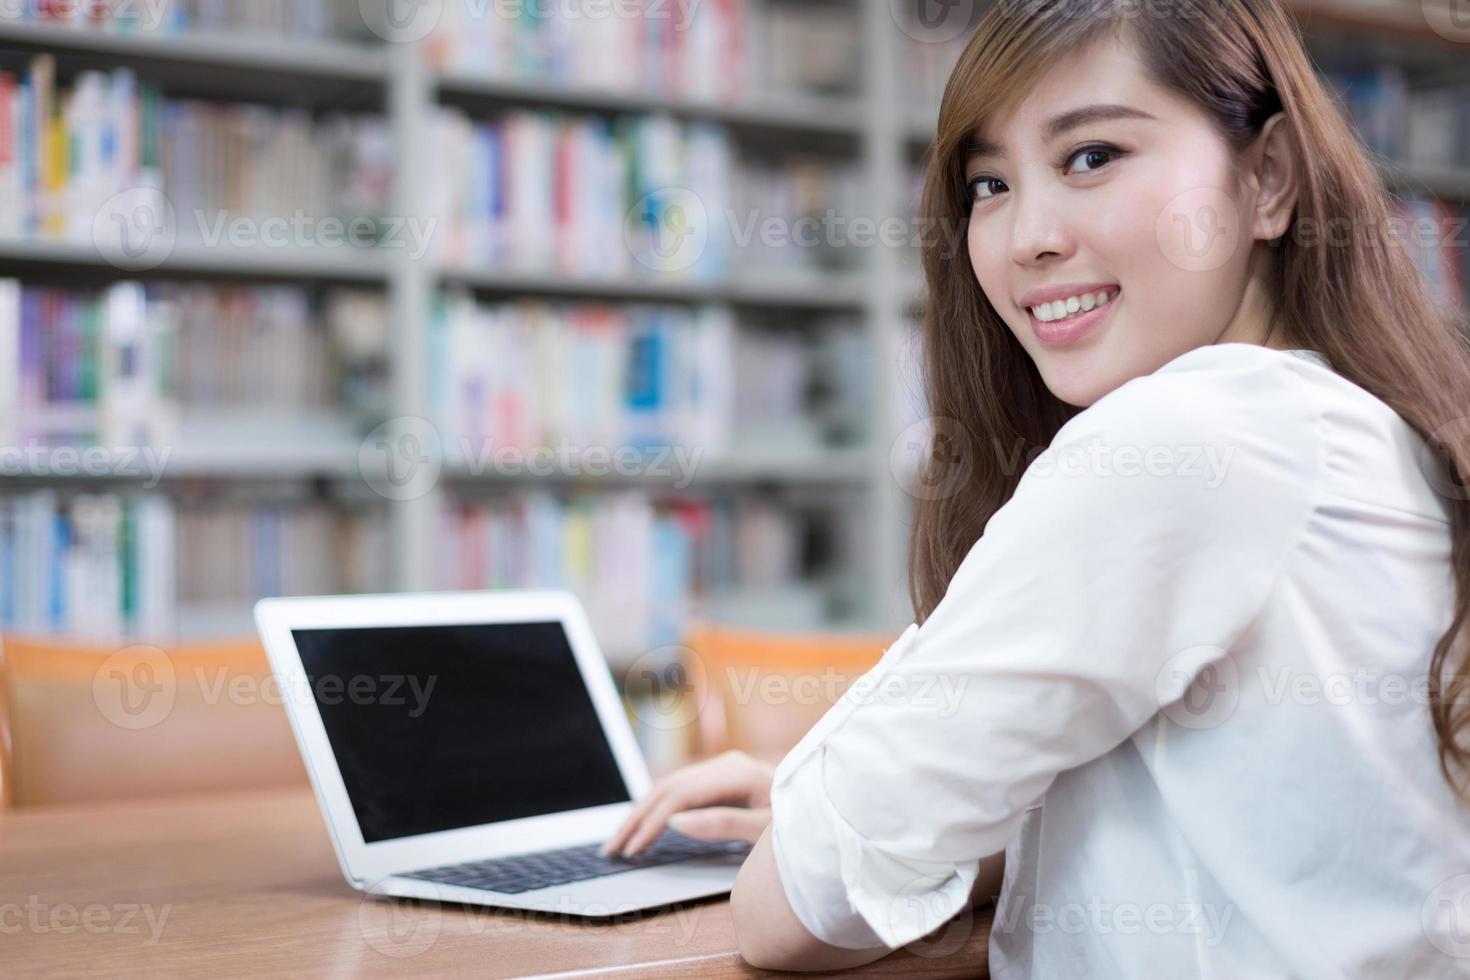 mooie Aziatische vrouwelijke student met behulp van laptop voor studie in bibliotheek foto